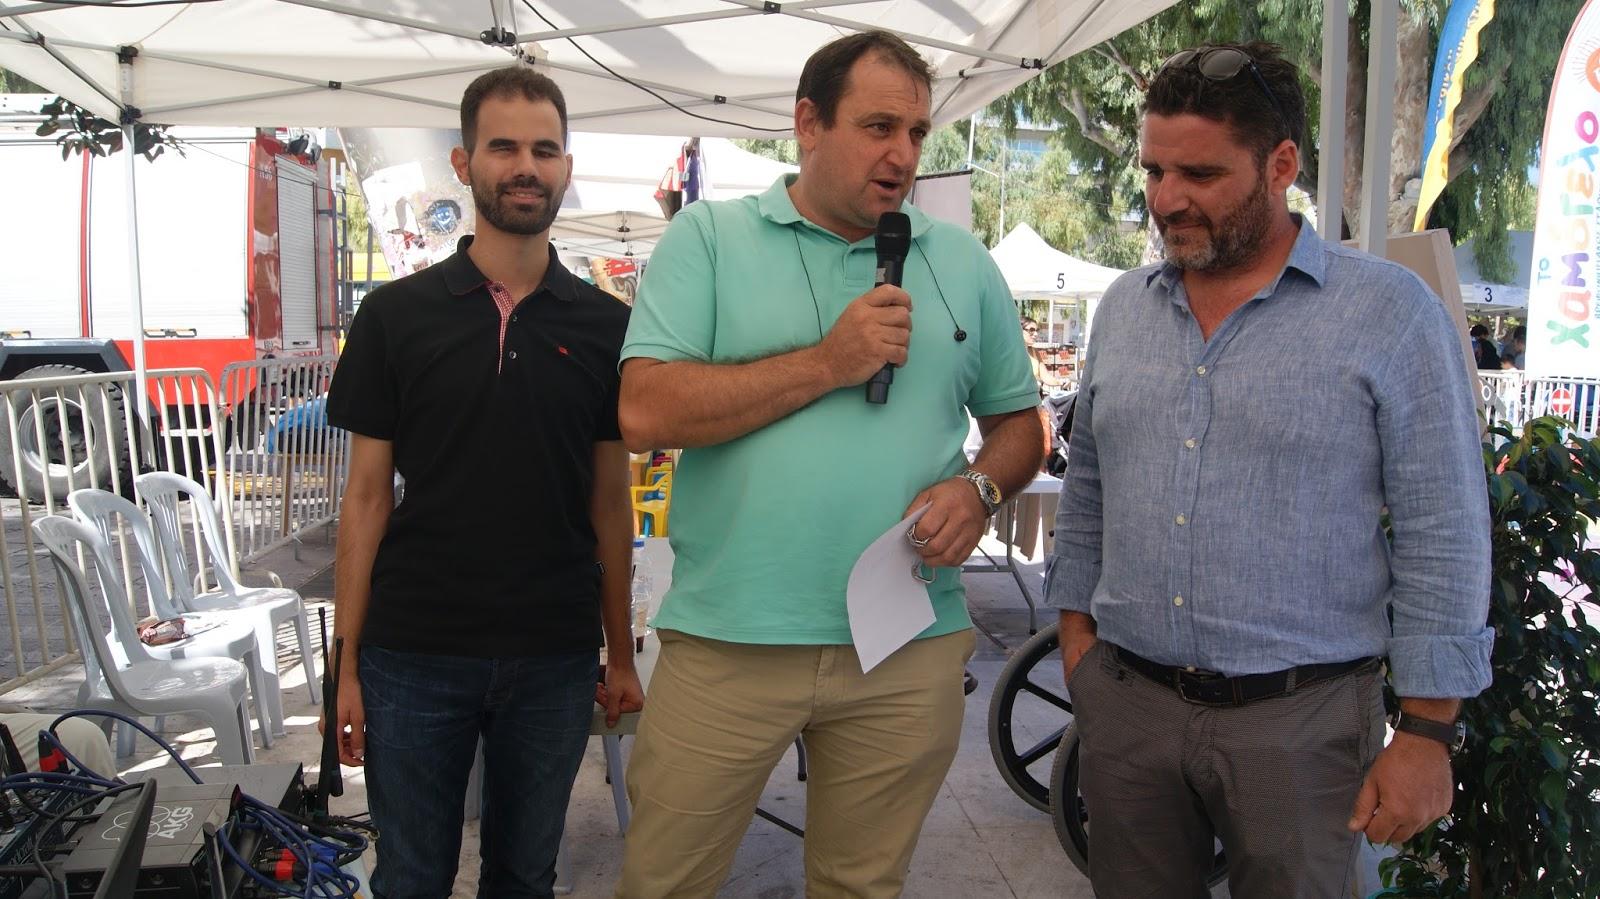 ο πρόεδρος της ΔΗΚΕΗ κ. Γιώργος Τσαγκαράκης ως εκπρόσωπος του Δήμου Ηρακλείου